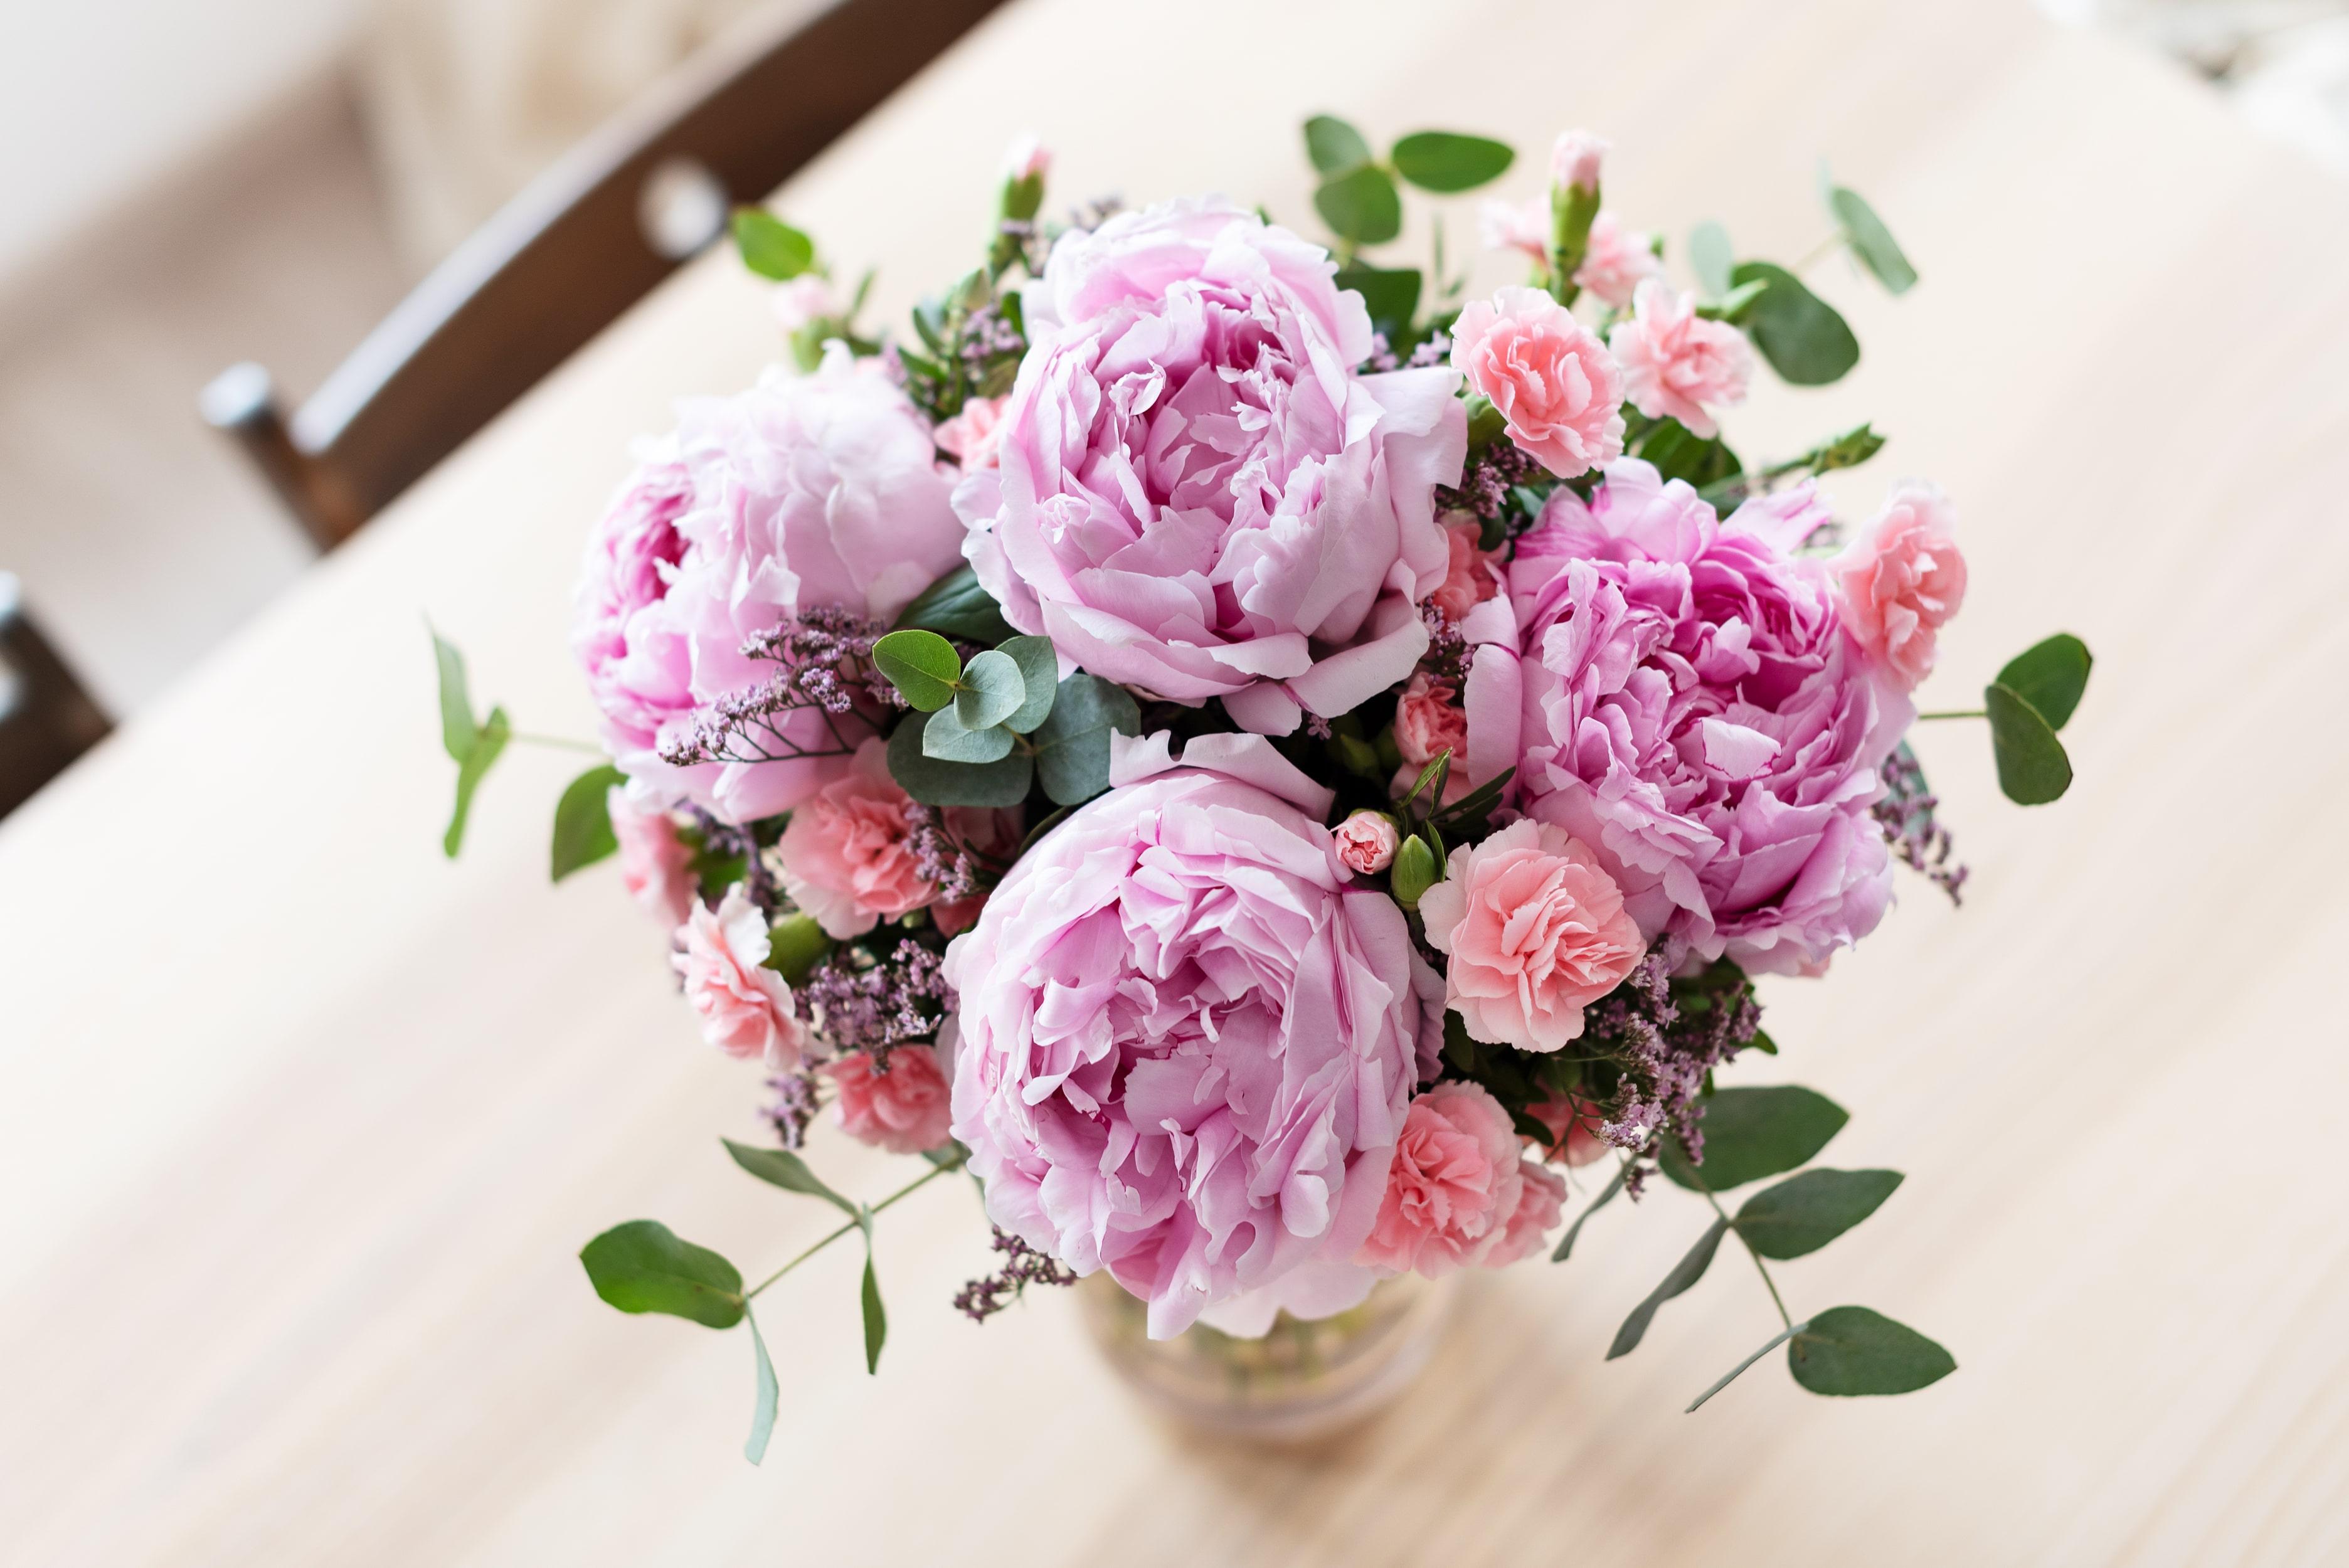 significado de peonias rosas